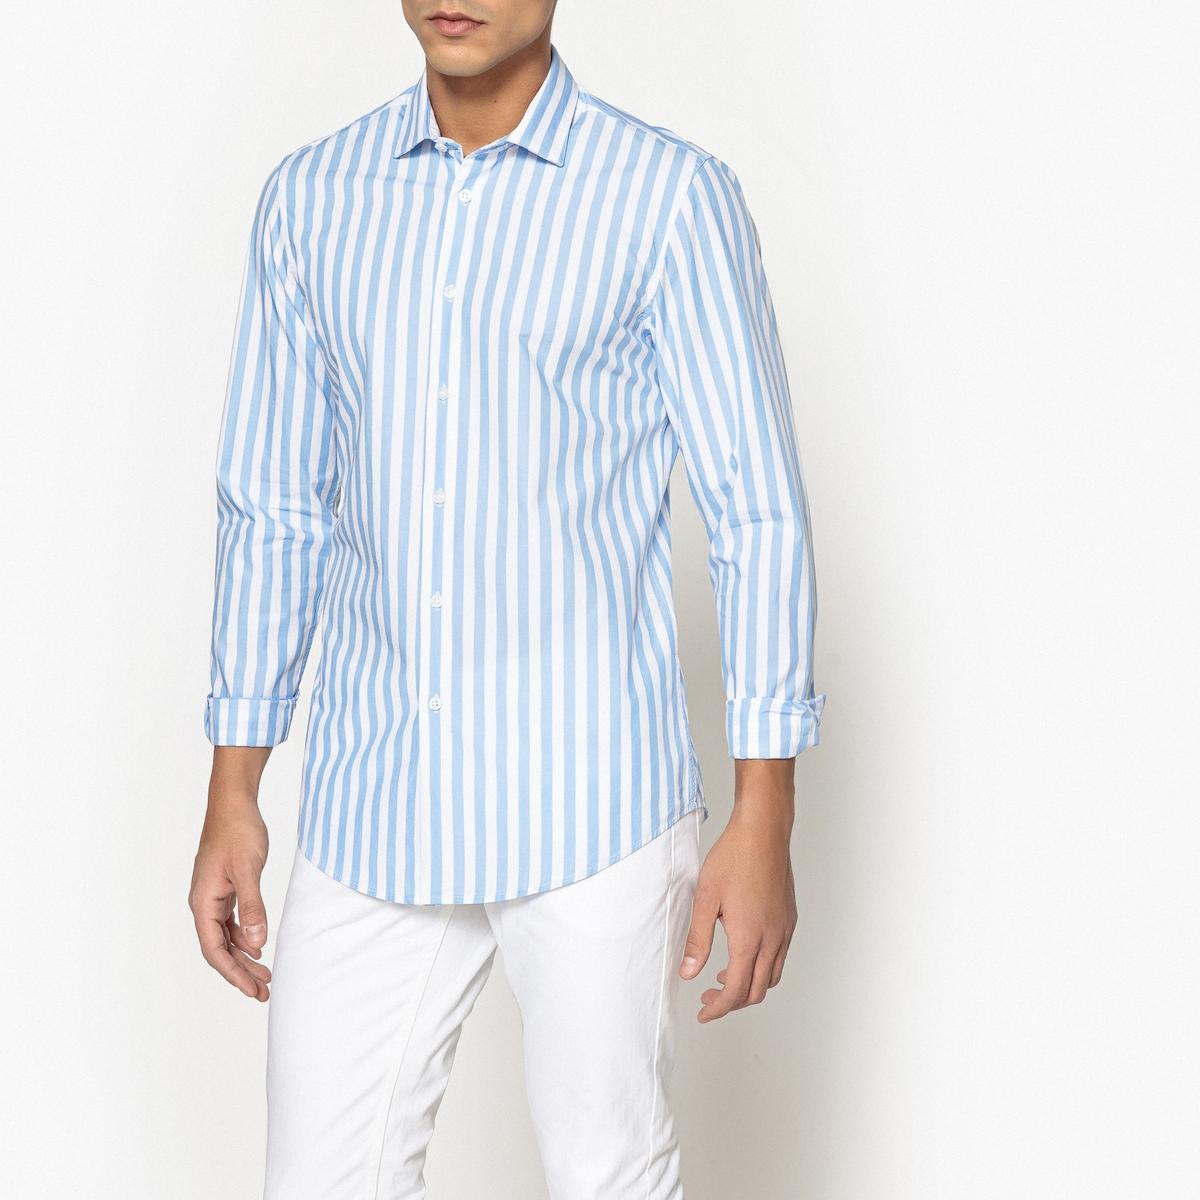 Camisa slim às riscas, 100% algodão